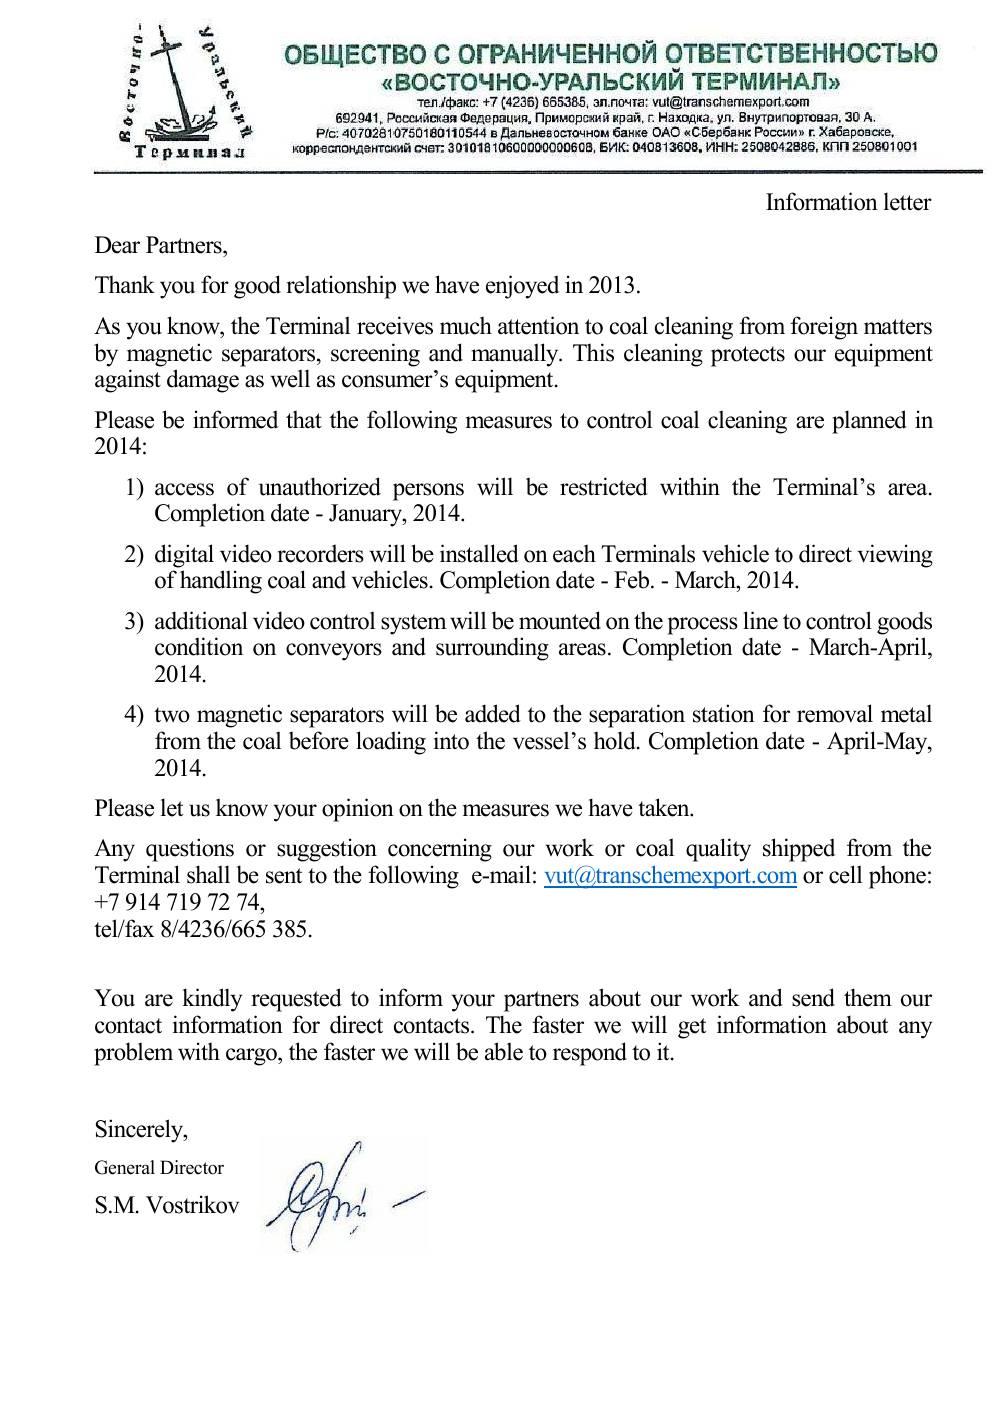 Information letter